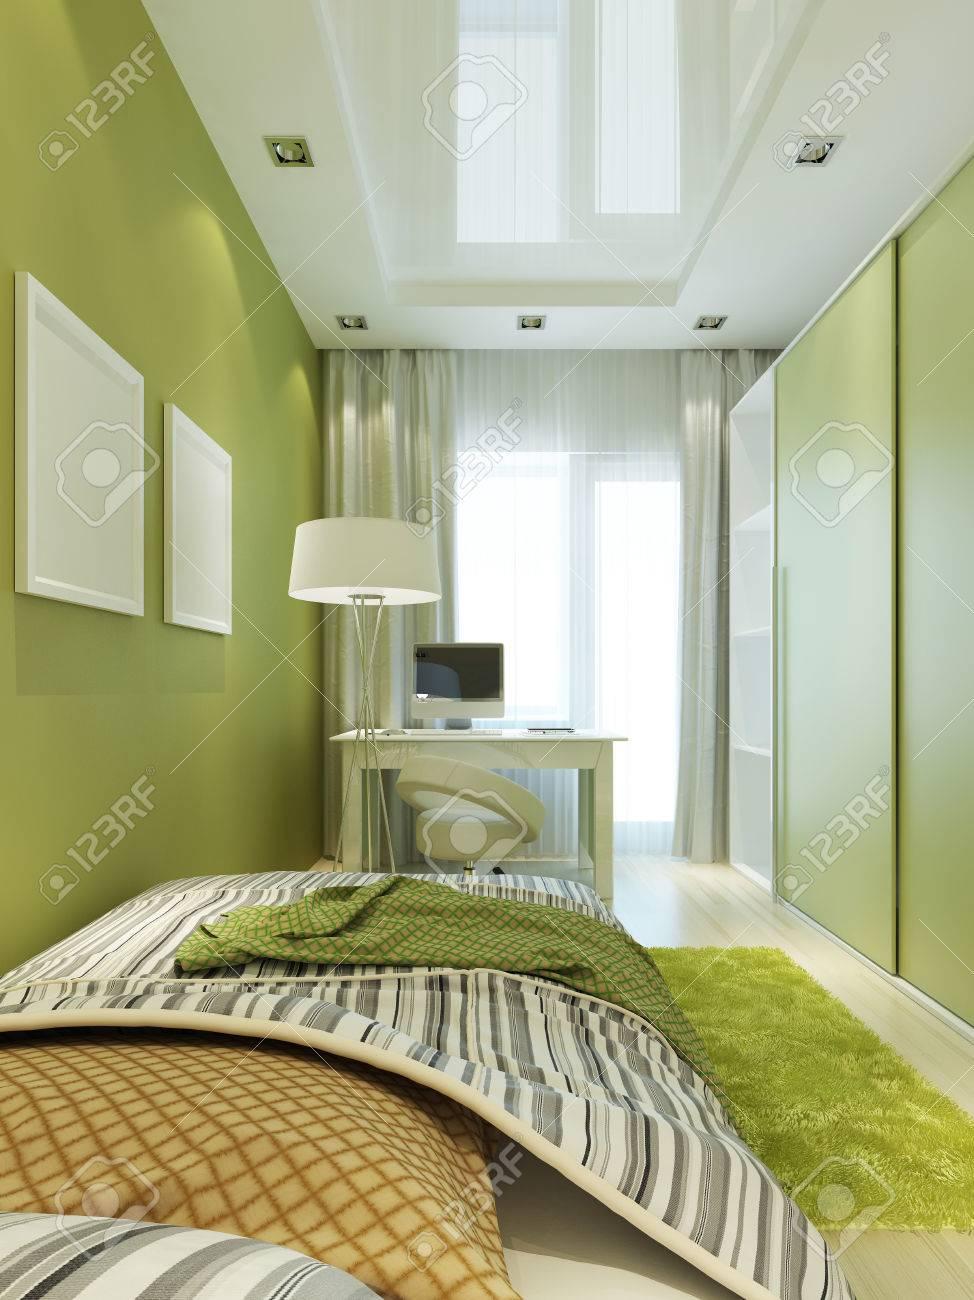 Perfekt Kinderzimmer Für Den Jungen In Den Hellgrünen Und Weißen Farben Mit  Modellplakat Auf Der Wand.